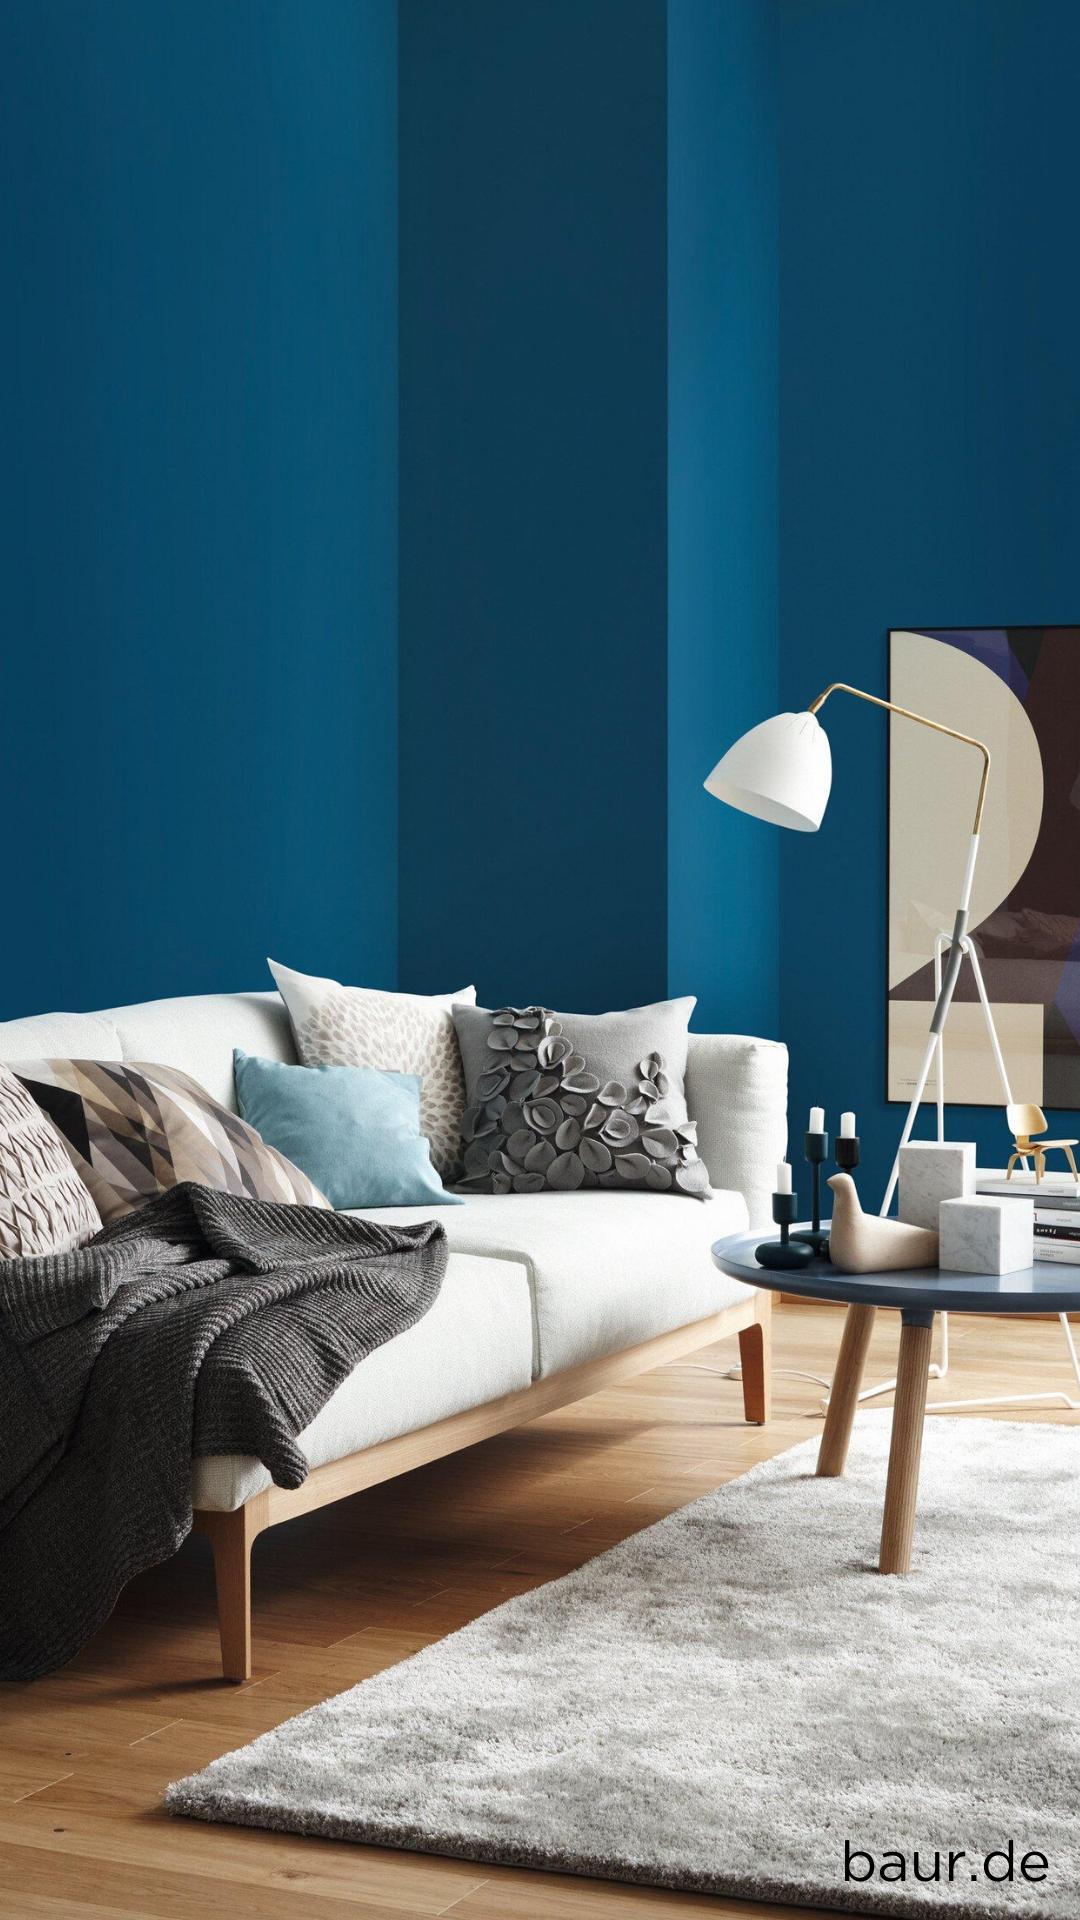 Wohnzimmer Ideen Von Baur De Baur Wohnzimmer Einrichten In 2020 Schoner Wohnen Farbe Schoner Wohnen Wandfarbe Schoner Wohnen Trendfarbe